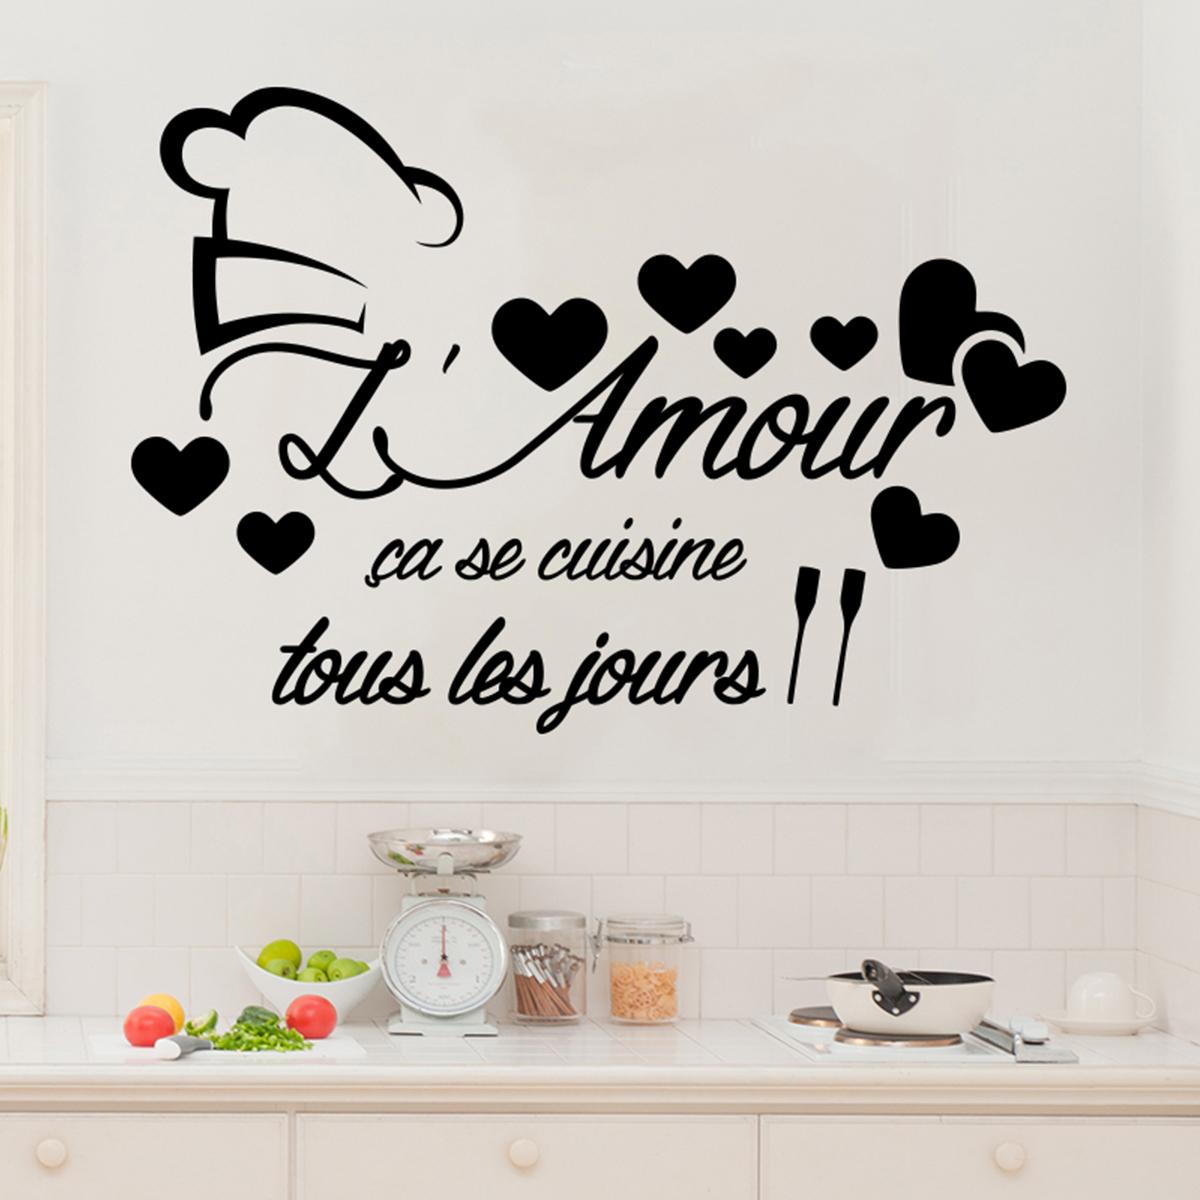 sticker citation l'amour ça se cuisine - stickers citations